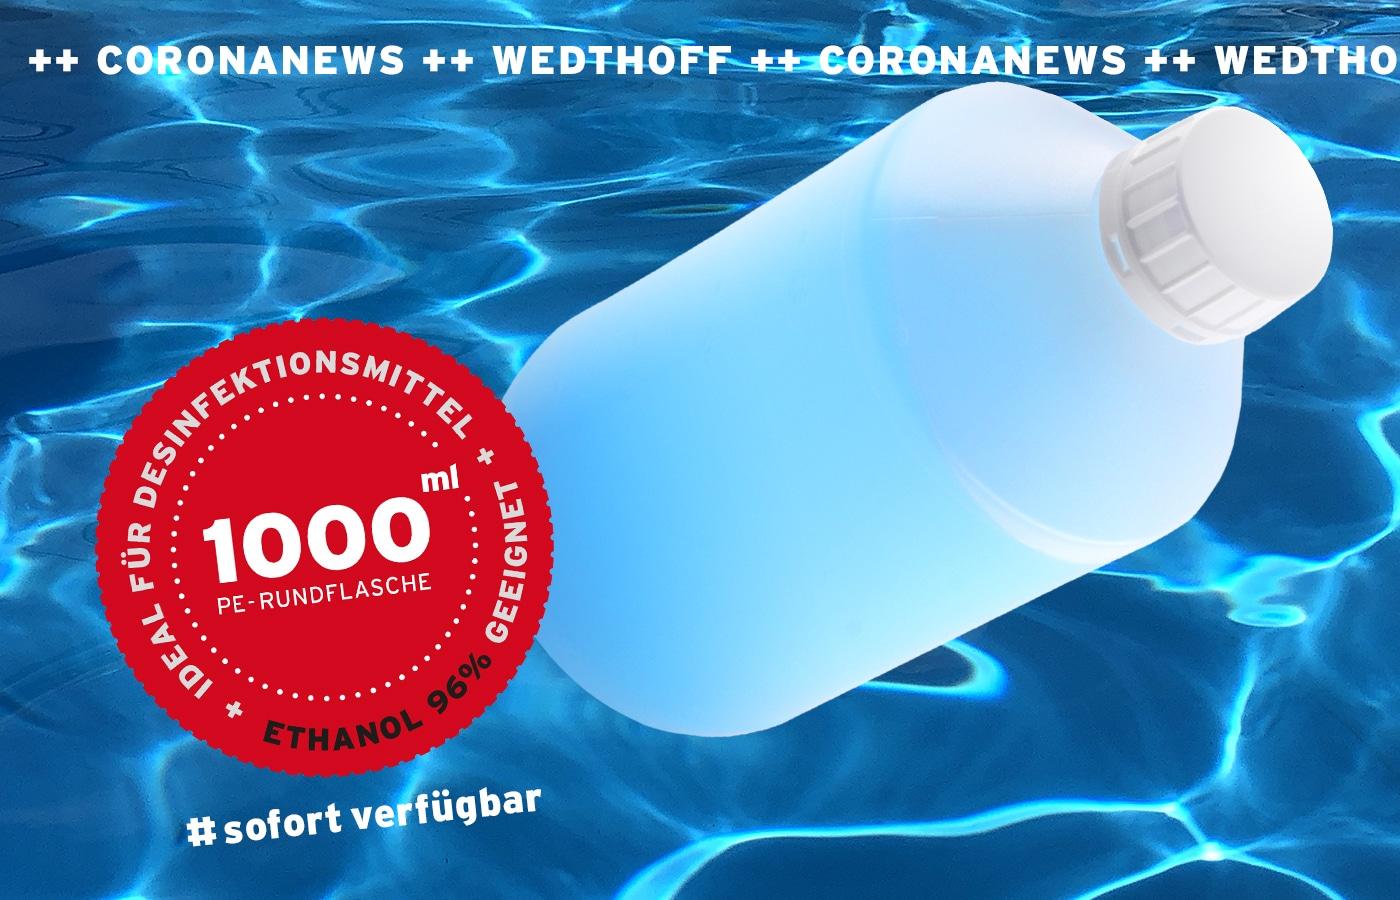 Kunststoffflasche 1Liter 1000ml ideal für Desinfektionsmittel / Sterillium. Mit div. Verschlüssen. WEDTHOFF_Industrieverpackungen.jpg